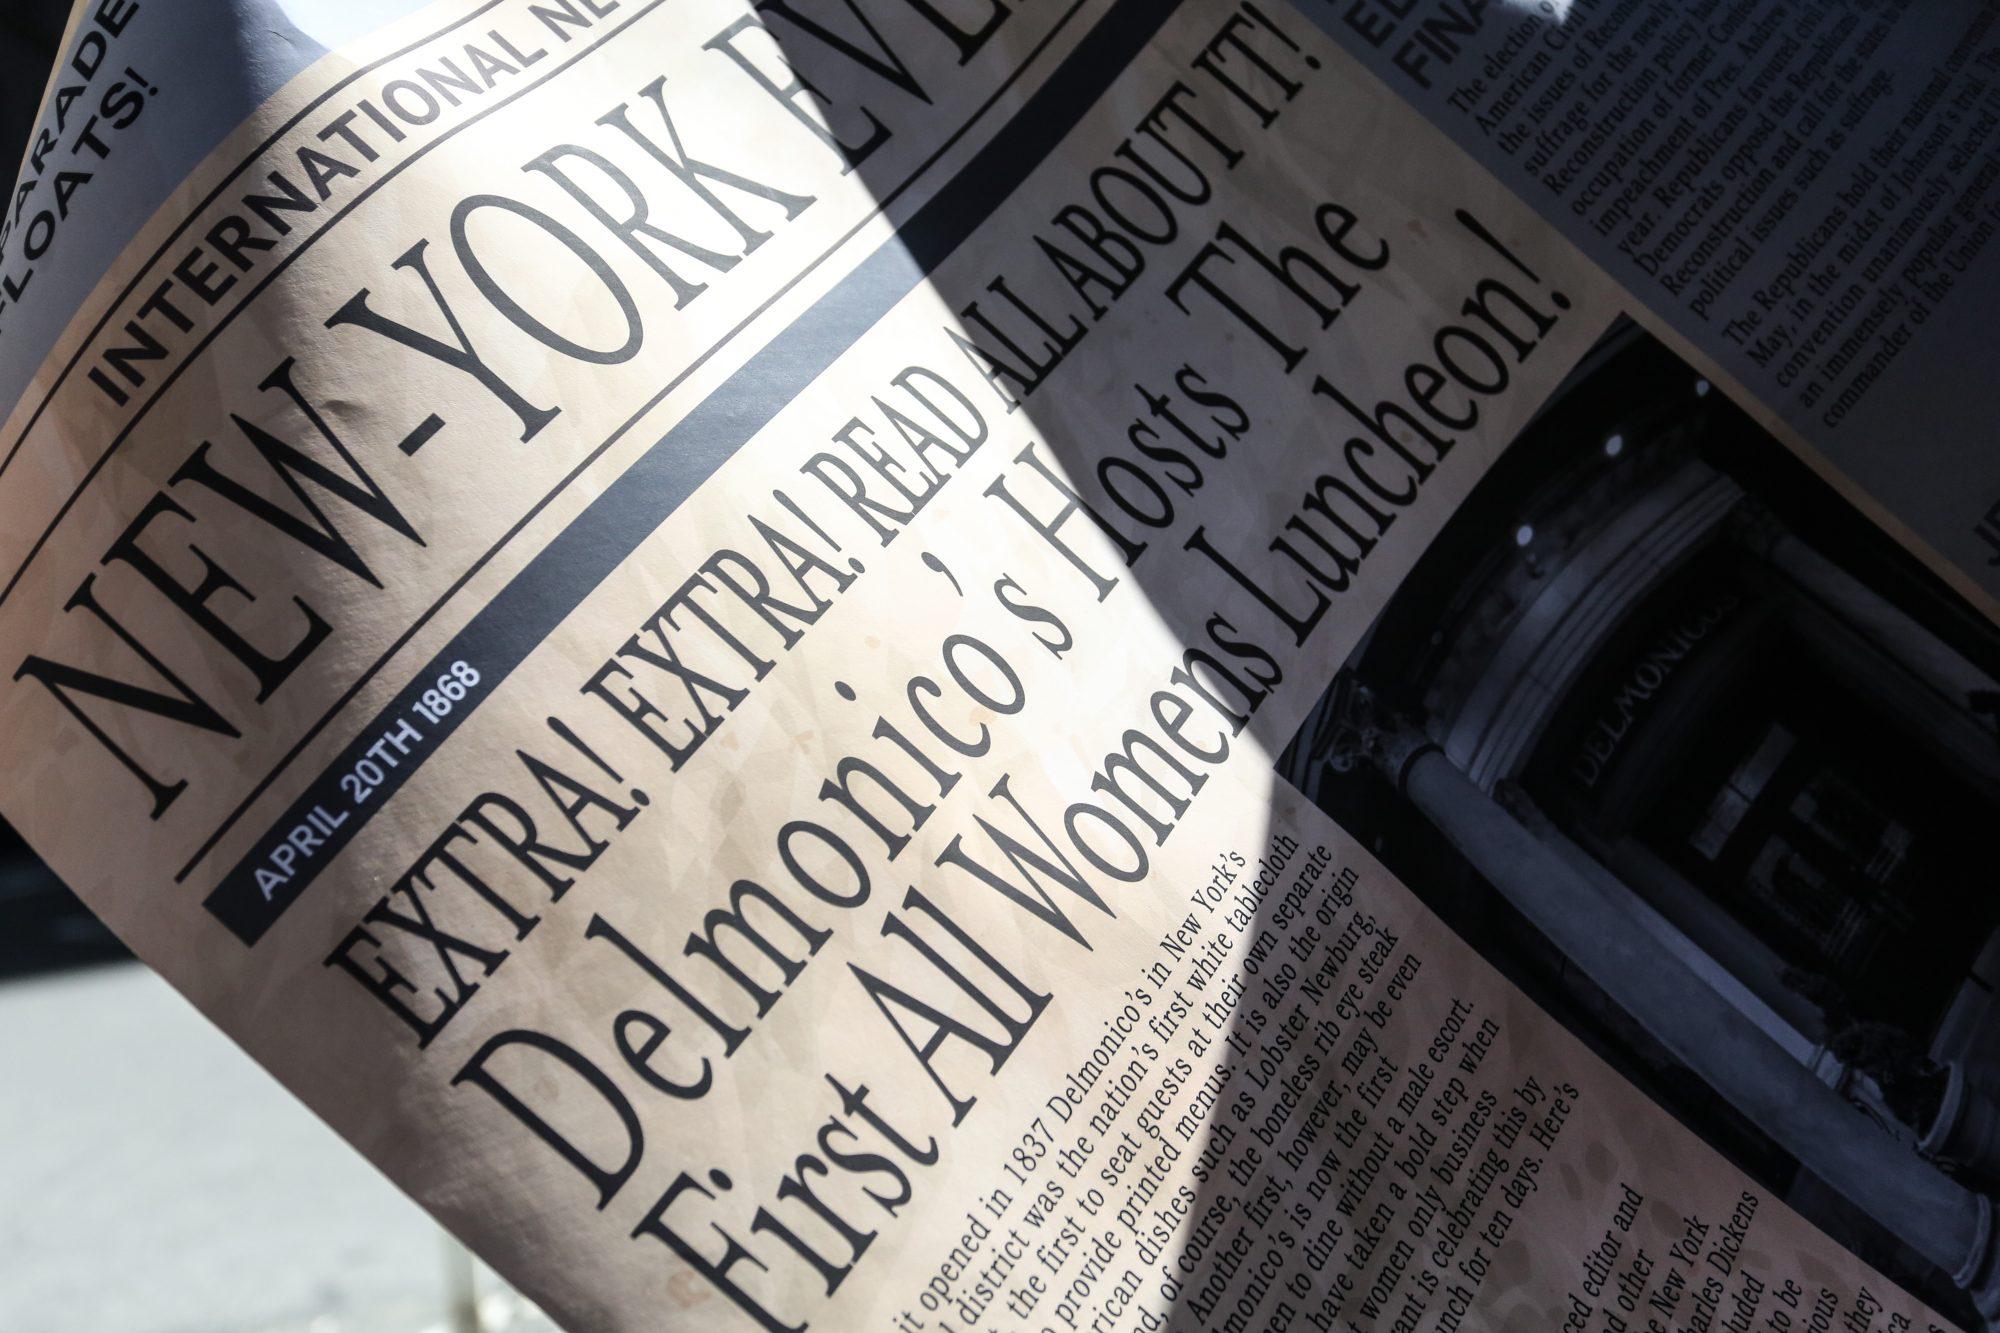 Newspaper1868_DelmonicosLadiesLuncheon_042018_PhotoCredit_DenisLEON&Co._PHOTOGRAPHERS